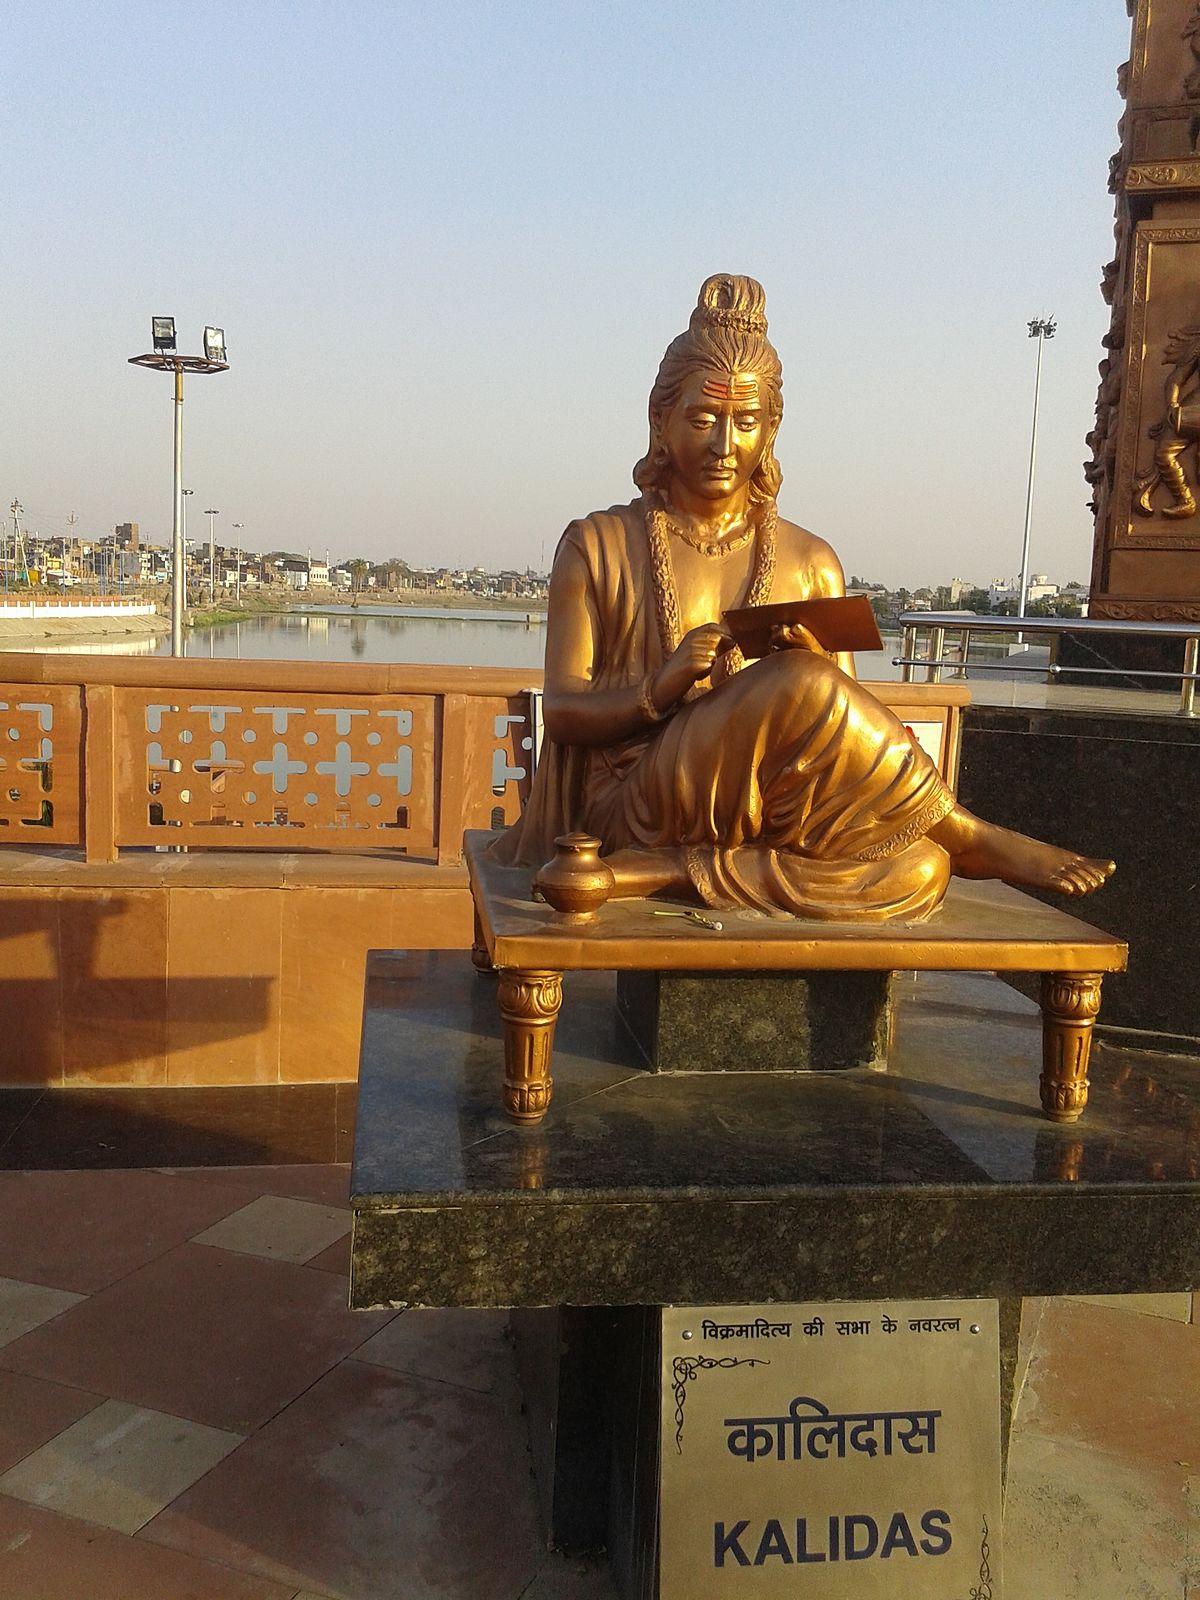 PunjabKesari, Dharam, Mahakavi kalidas, Mahakavi kalidas jayanti 9 november 2019, महाकवि कालिदास, कालिदास, कालिदास जयंती, कालिदास जयंती 2019